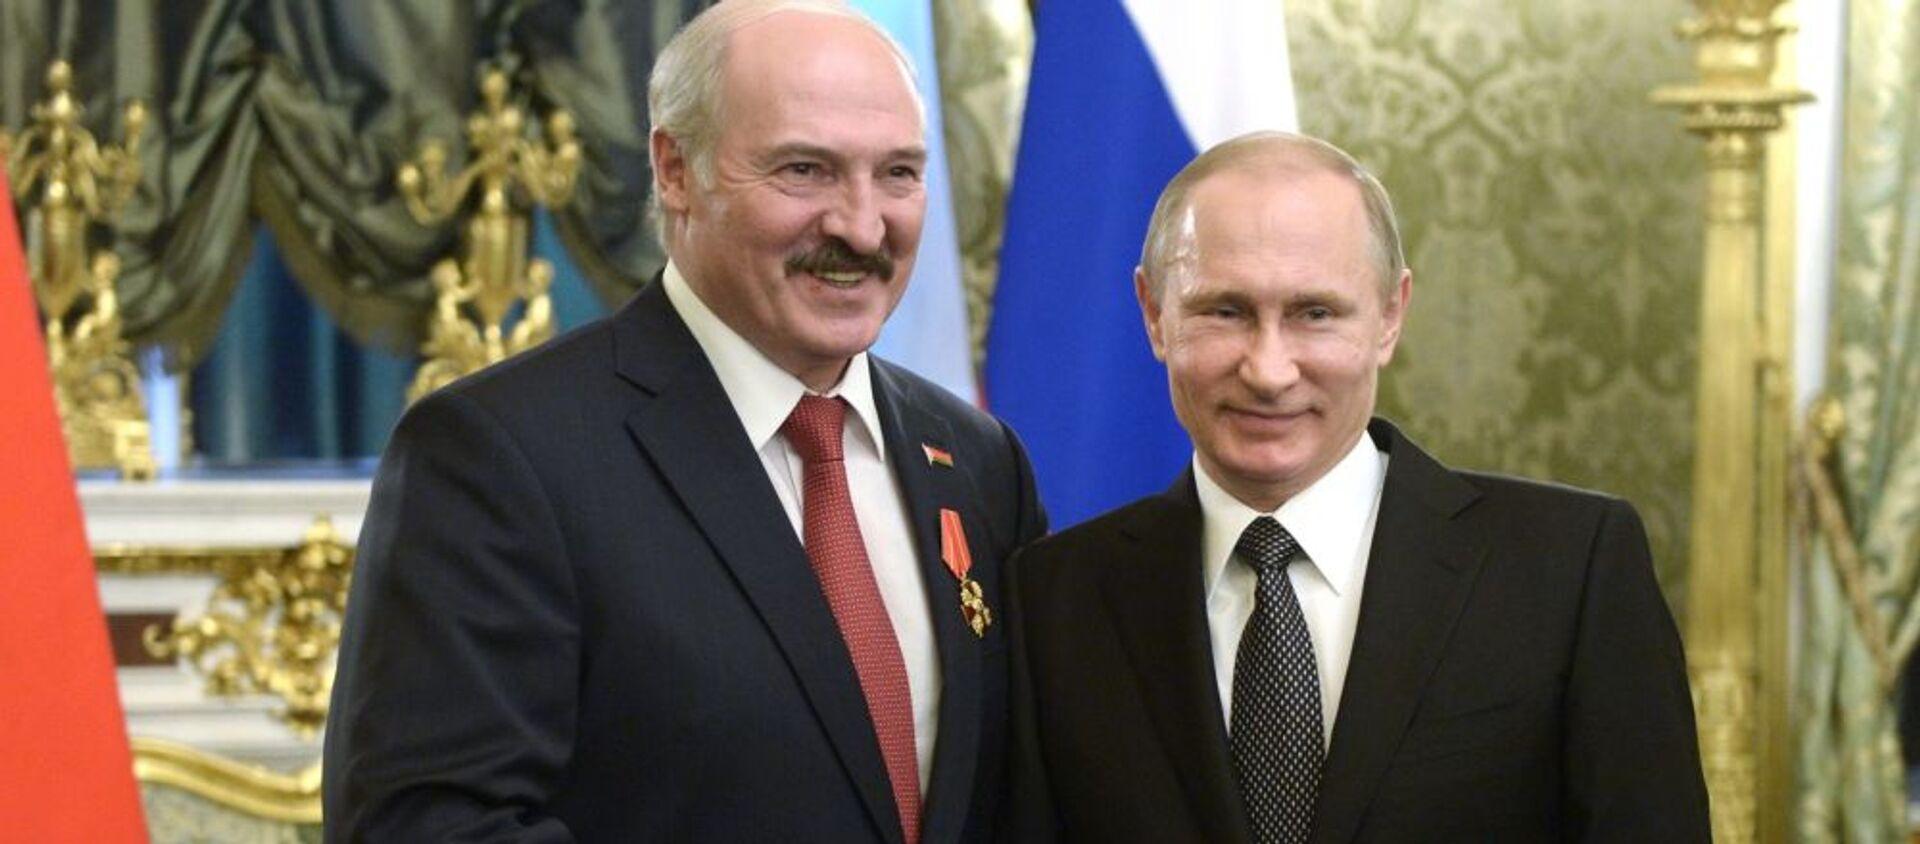 L'incontro tra i presidenti della Russia e Bielorussia Vladimir Putin e Alexander Lukashenko. - Sputnik Italia, 1920, 22.04.2021